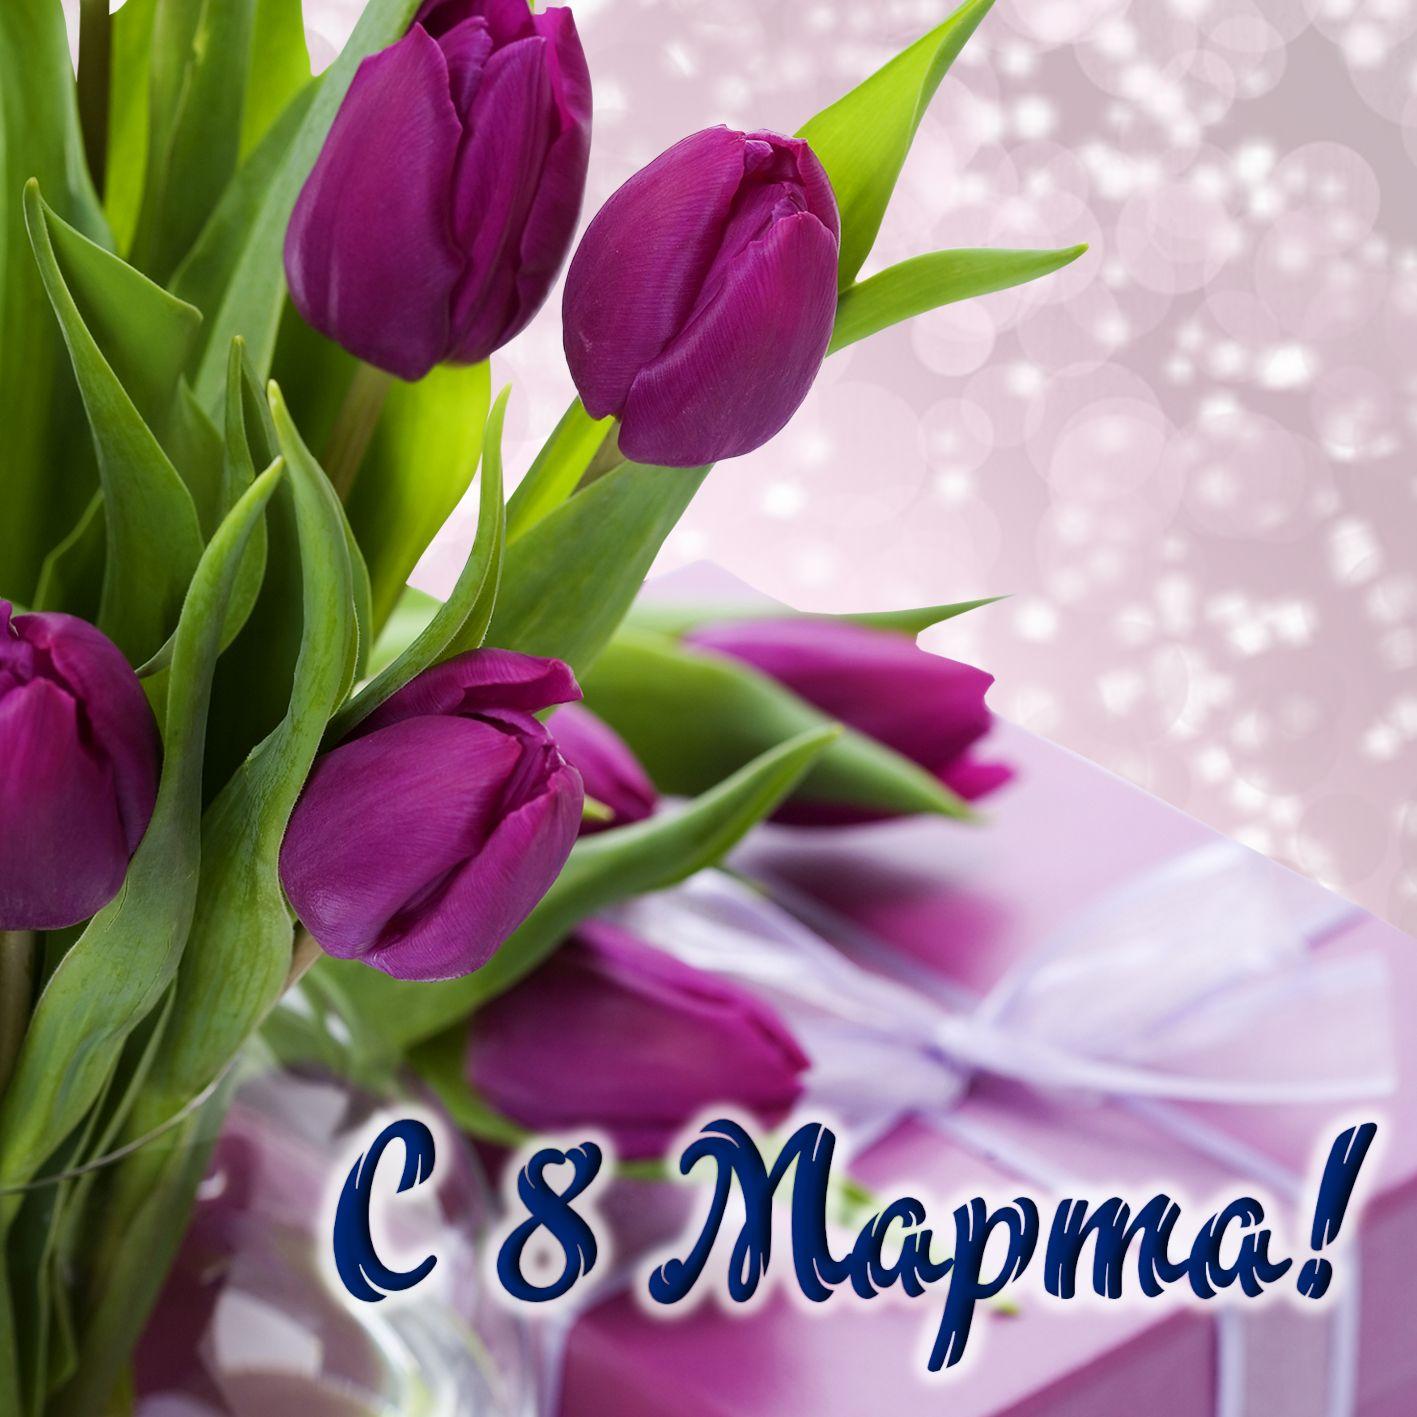 Открытка с 8 марта - фиолетовые тюльпаны на блестящем фоне